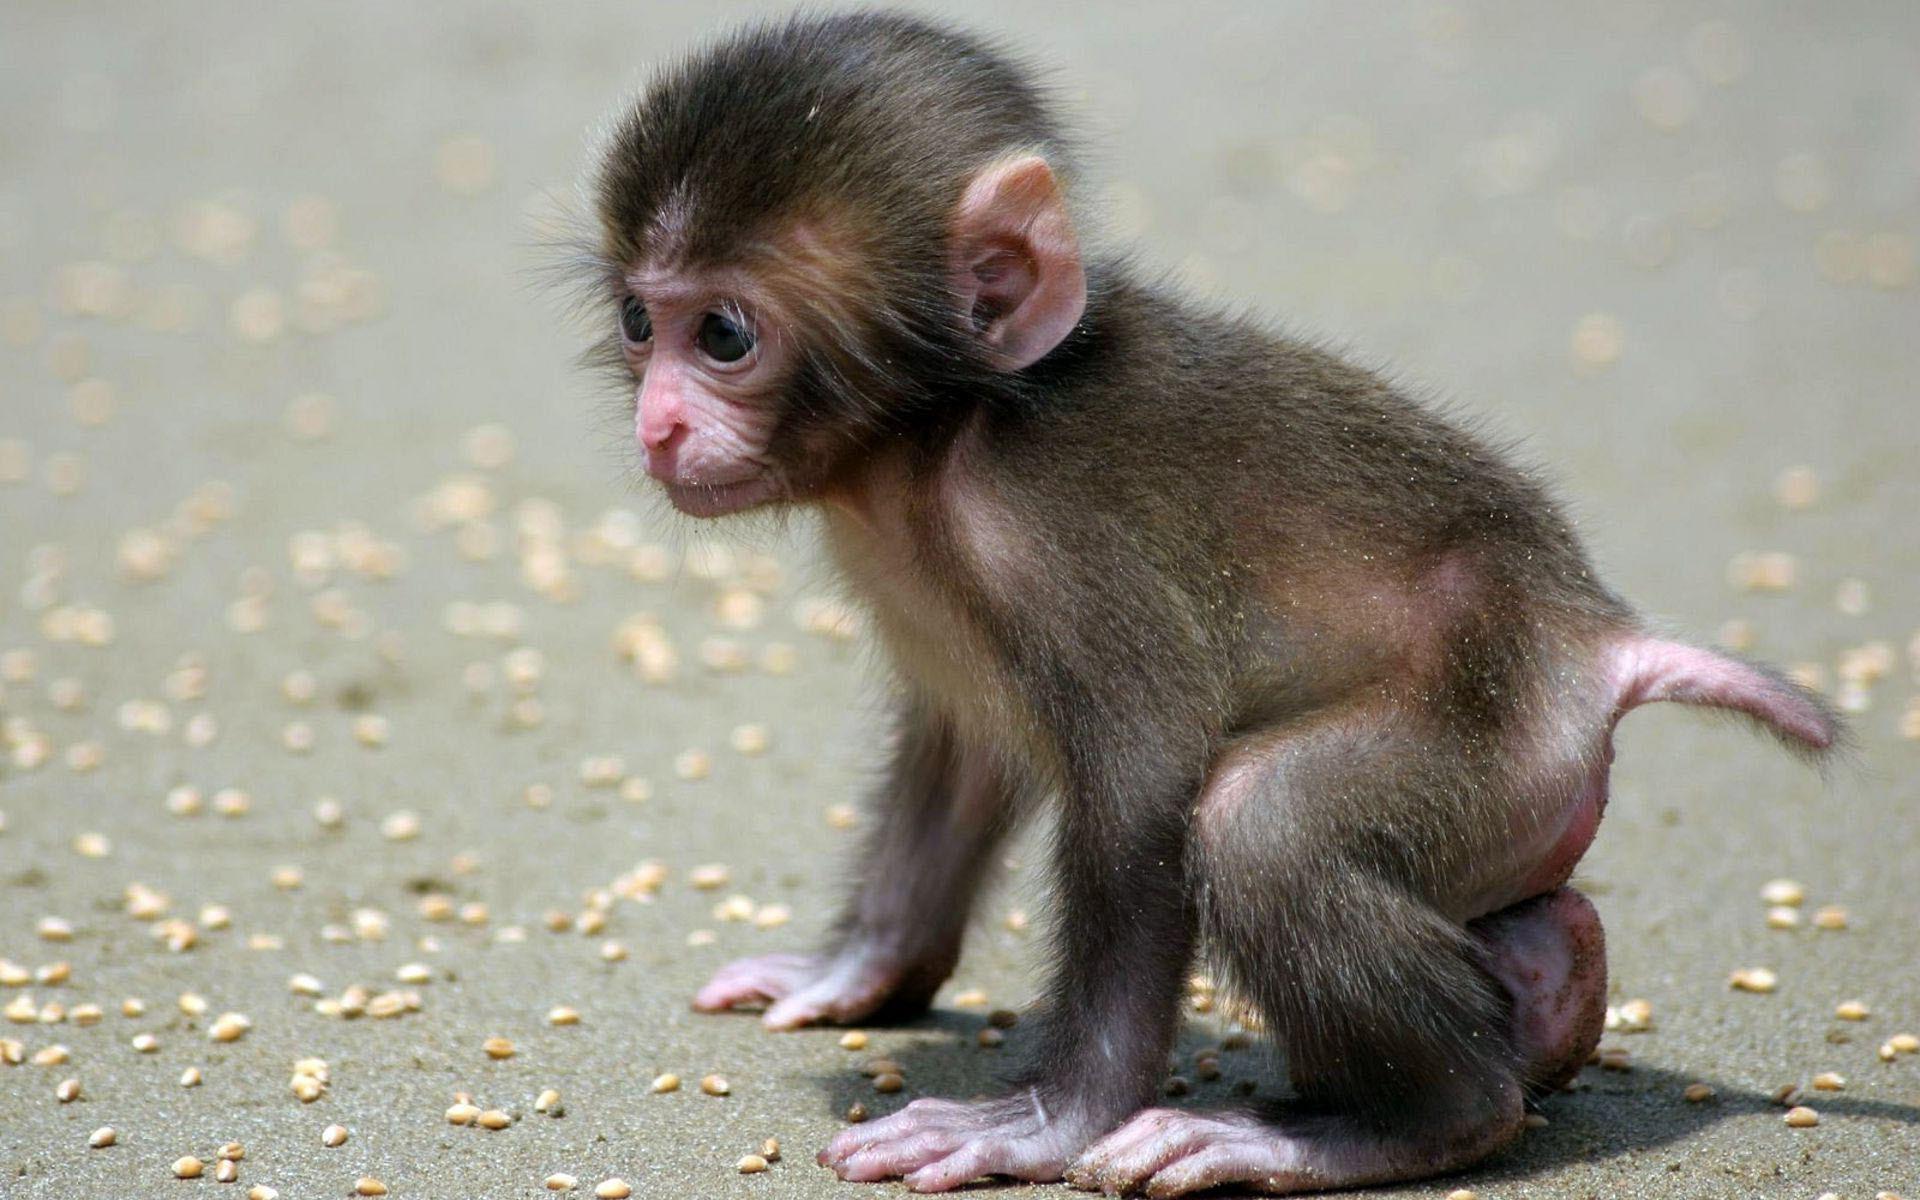 Baby Monkey Wallpapers Baby Monkeys